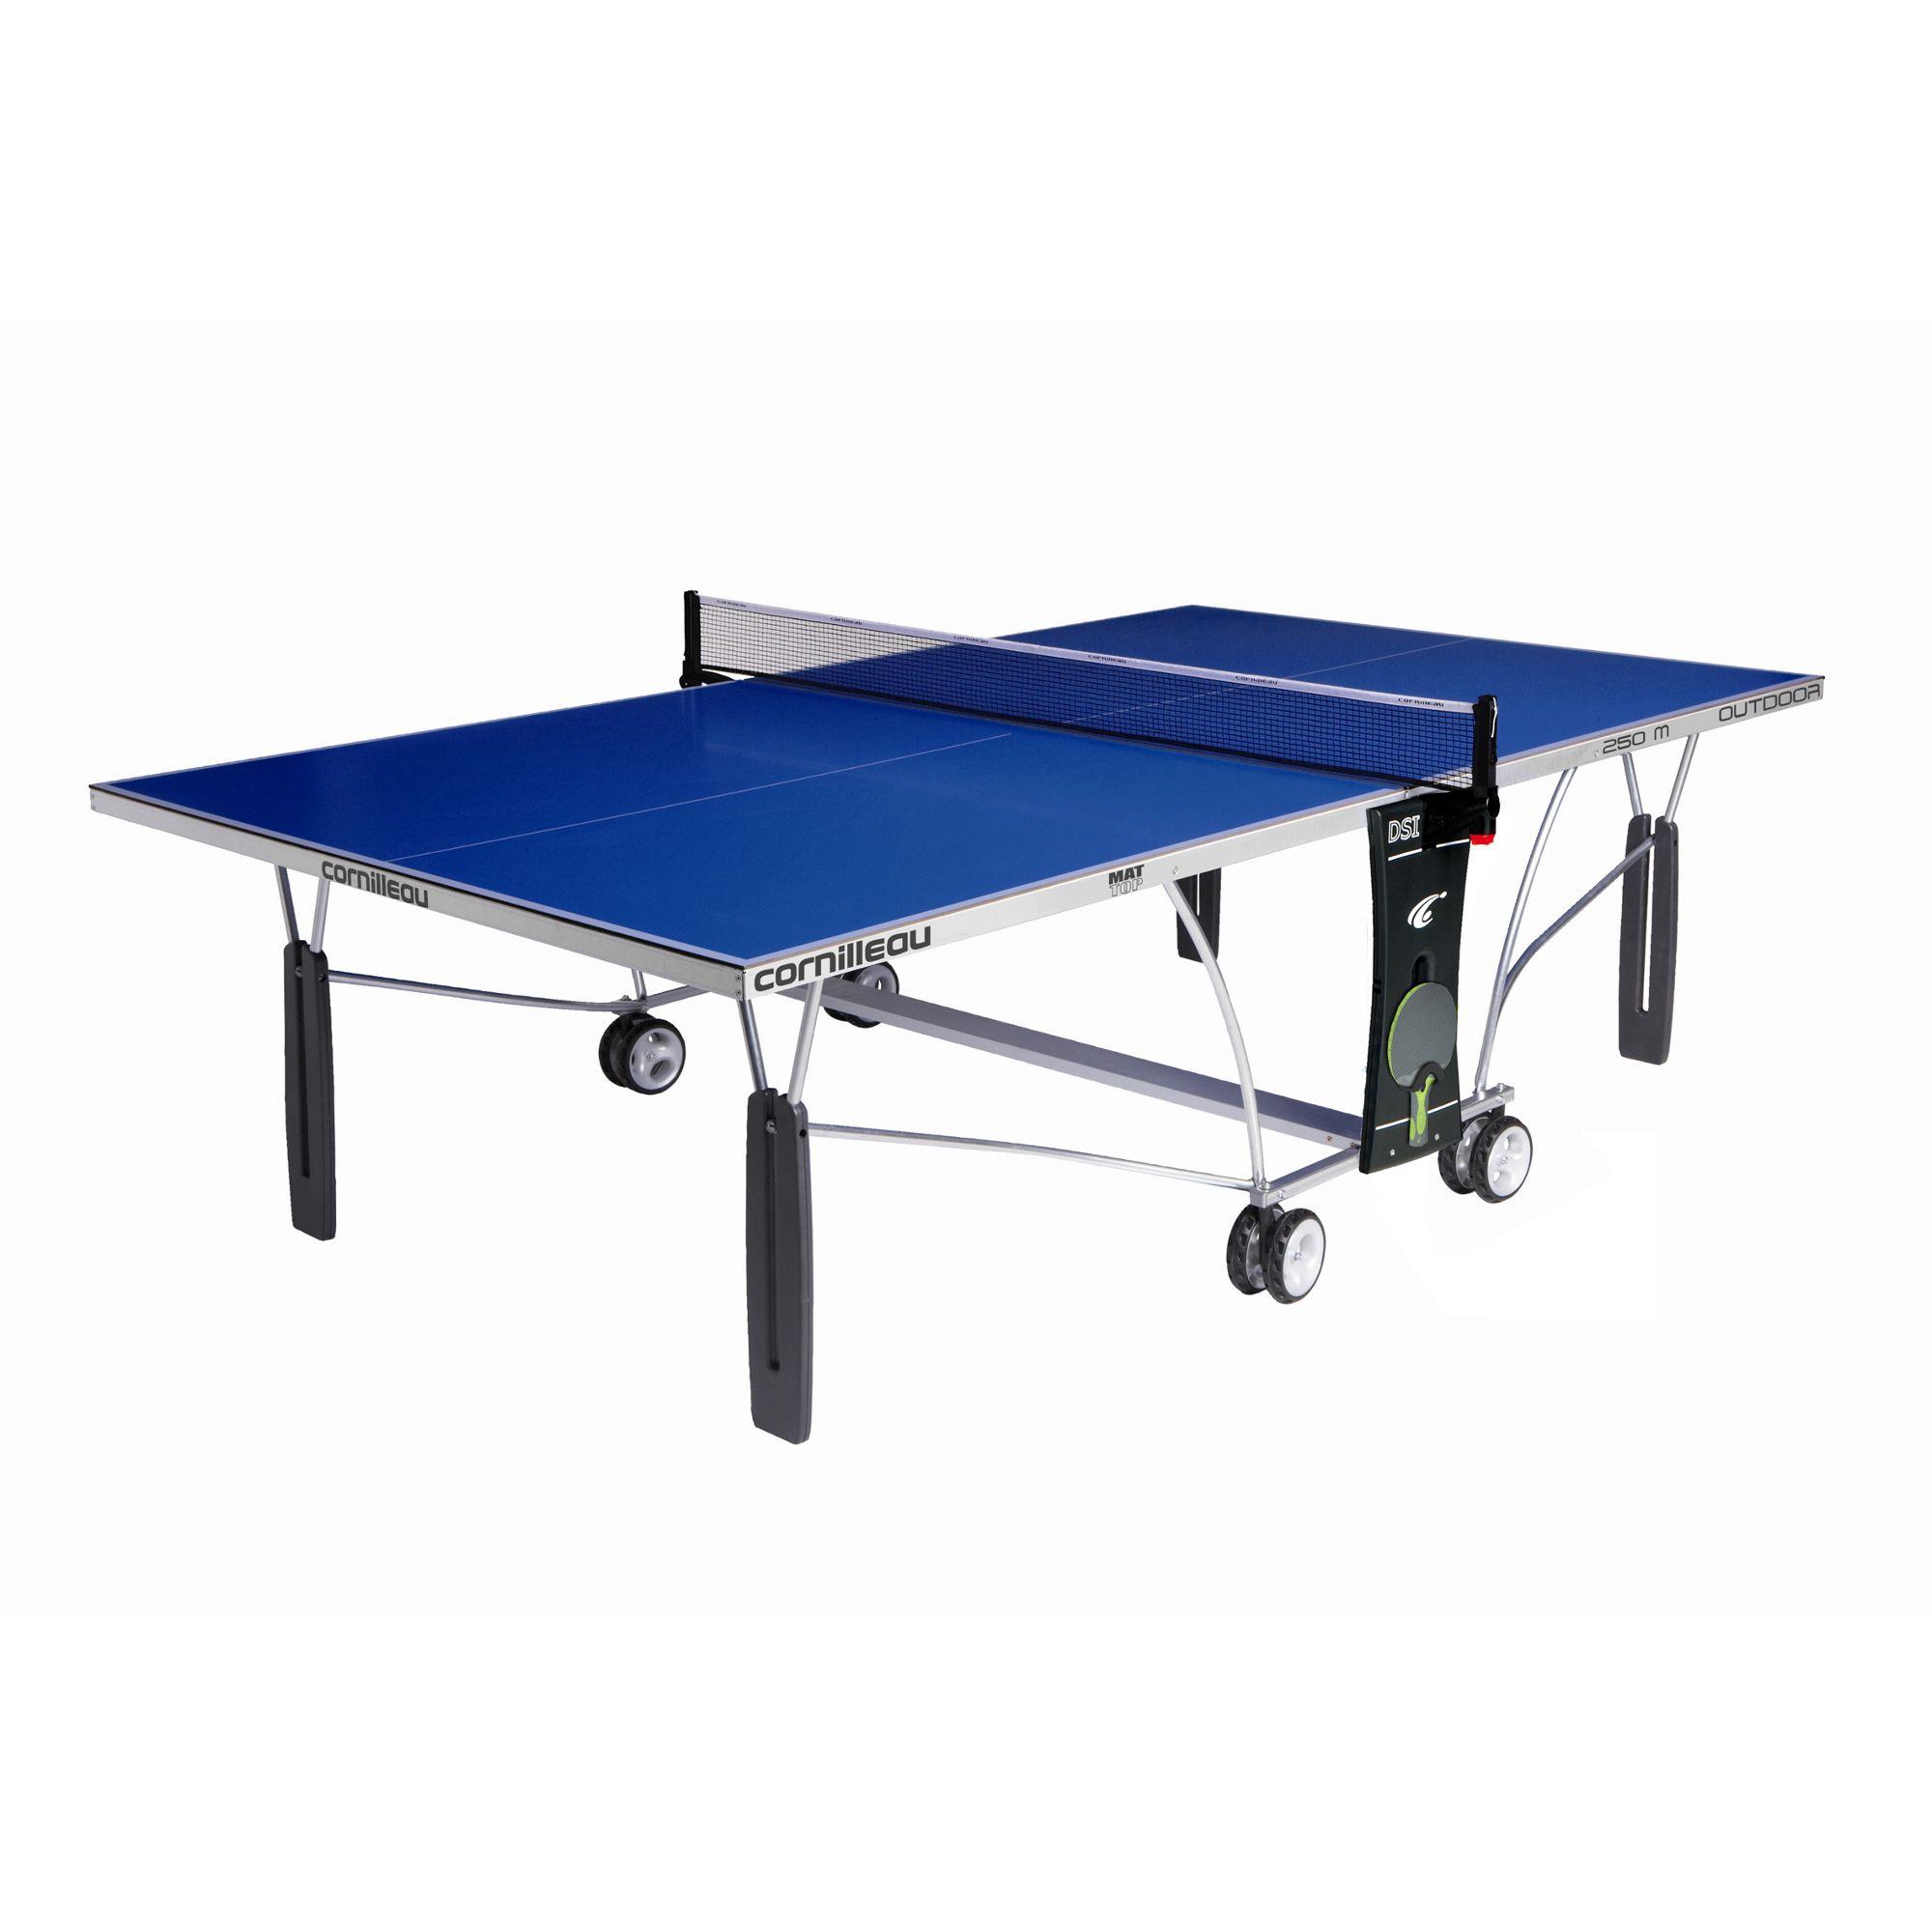 Cornilleau outdoor sport 250m rollaway table tennis table - Cornilleau outdoor table tennis cover ...